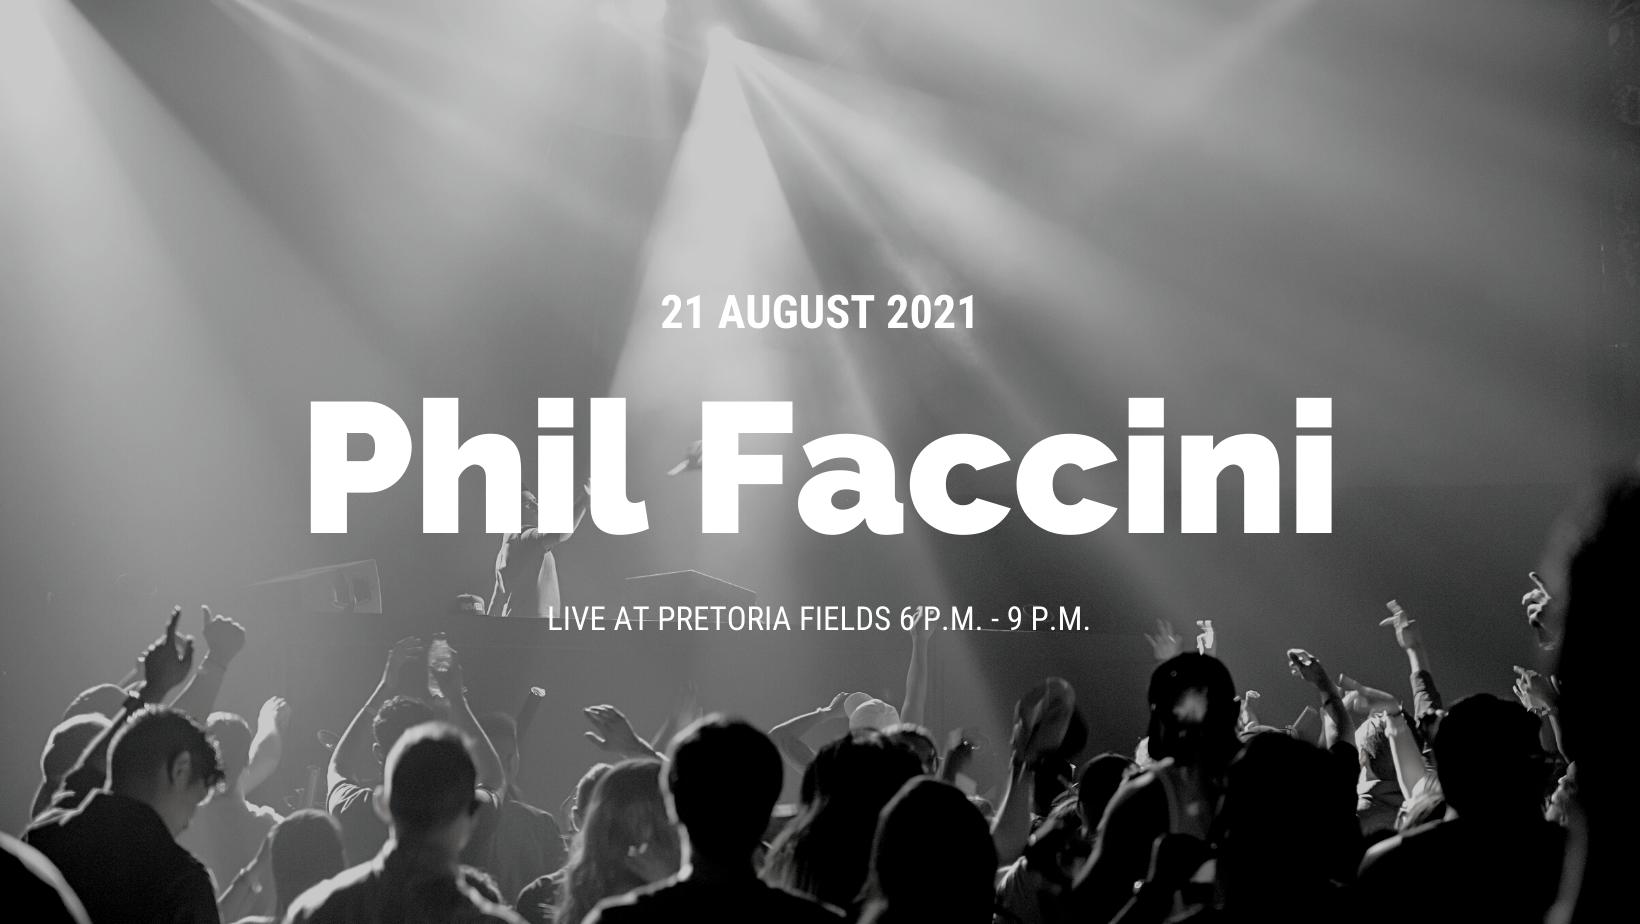 Pretoria Fields Live Music: Phil Facchini